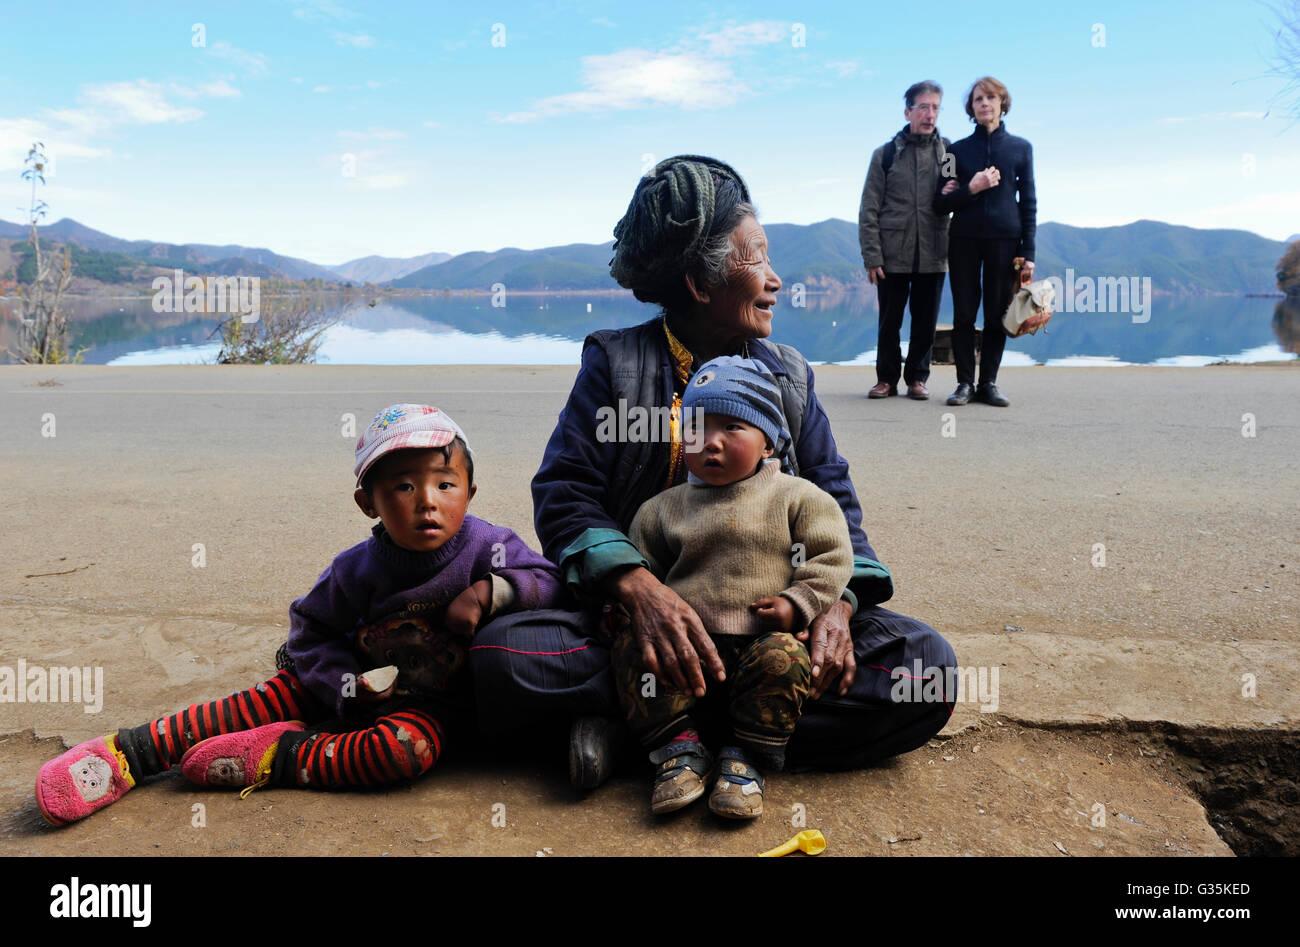 CHINA Provinz Yunnan ,franzoesische Touristen und  ethnische Minderheit Naxi am Lugu See , die Naxi sind Buddhisten - Stock Image